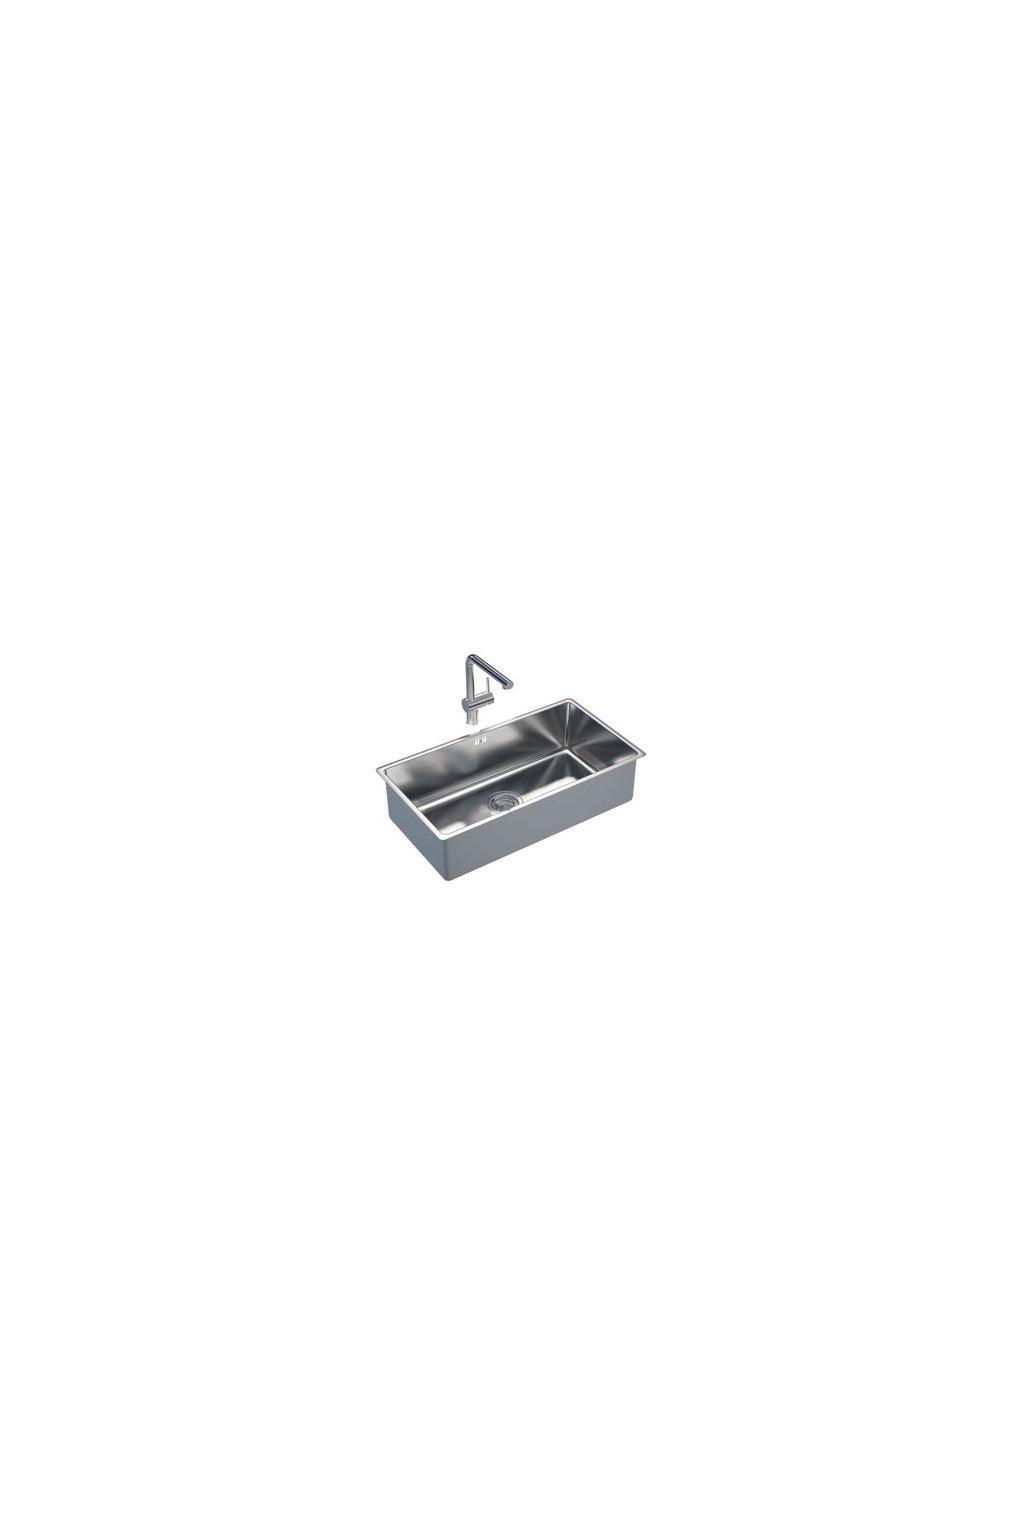 Square – 780x480